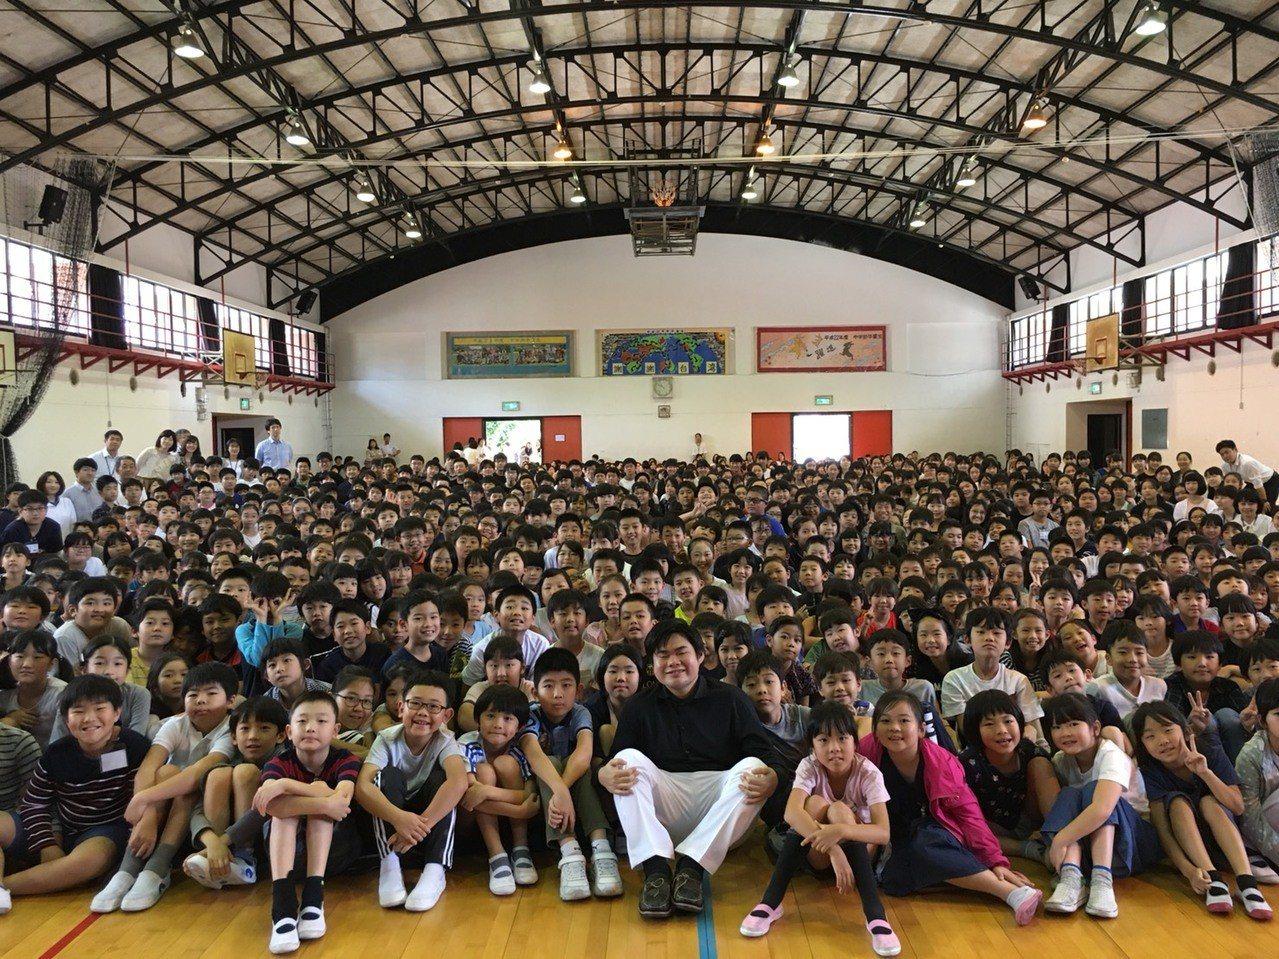 日本天才視障鋼琴家至日僑學校為學生演奏,圖/聯合數位文創提供